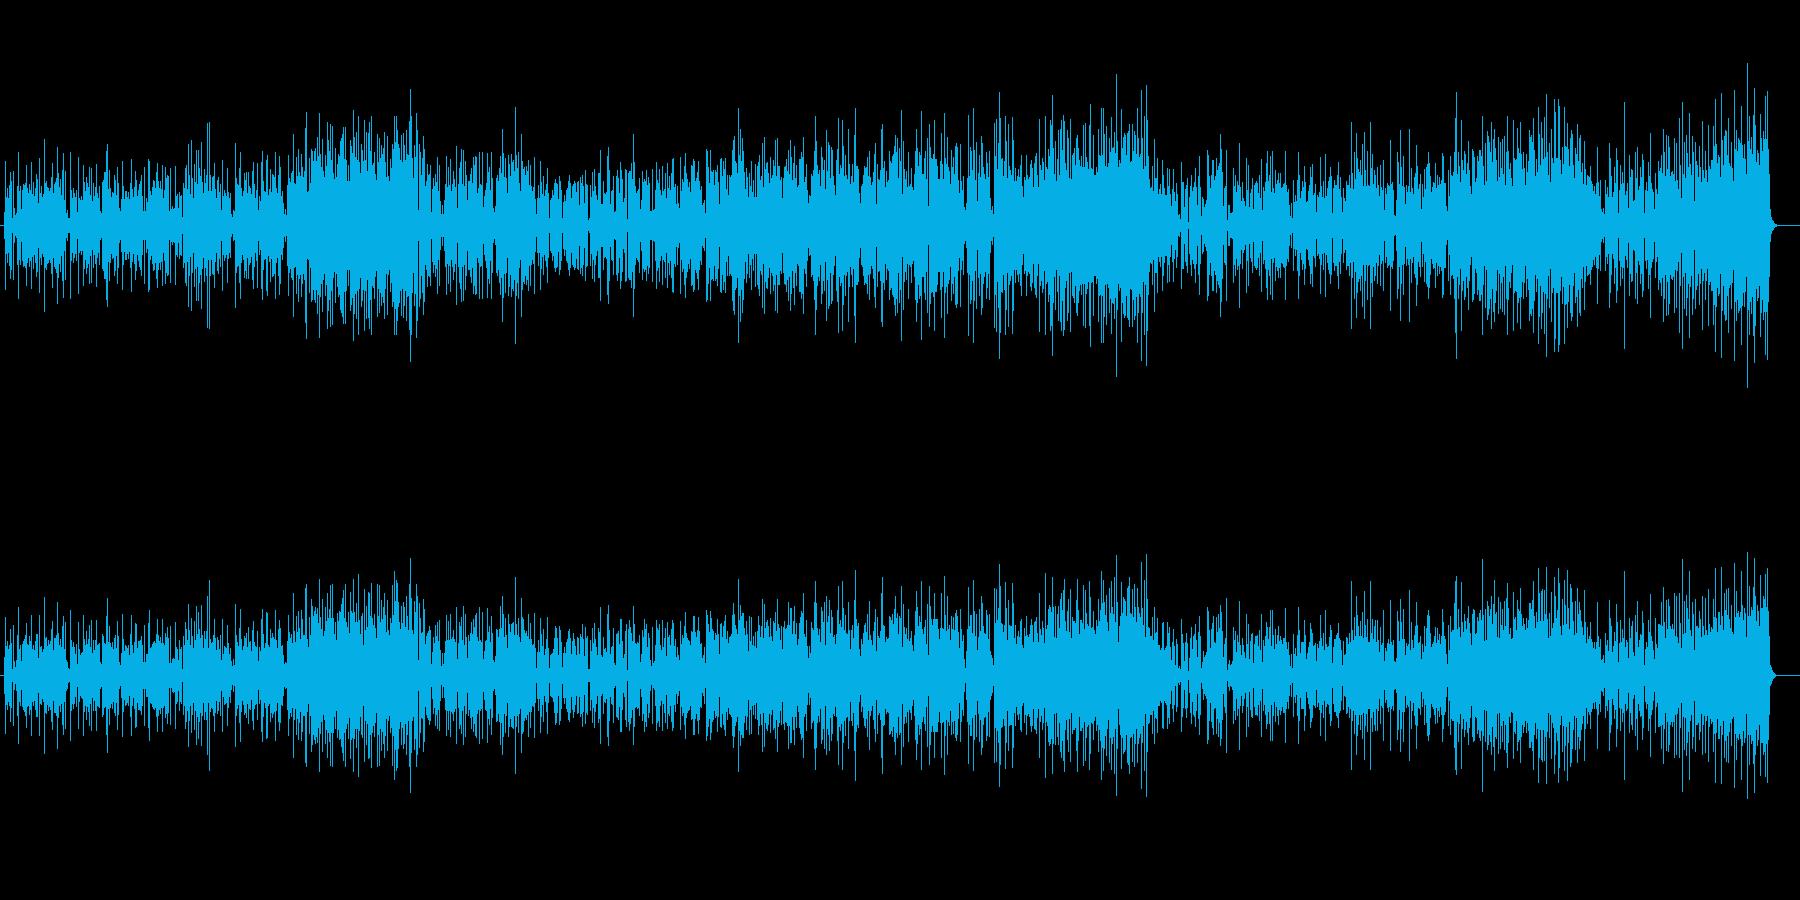 落ち着いた雰囲気のピアノフュージョンの再生済みの波形